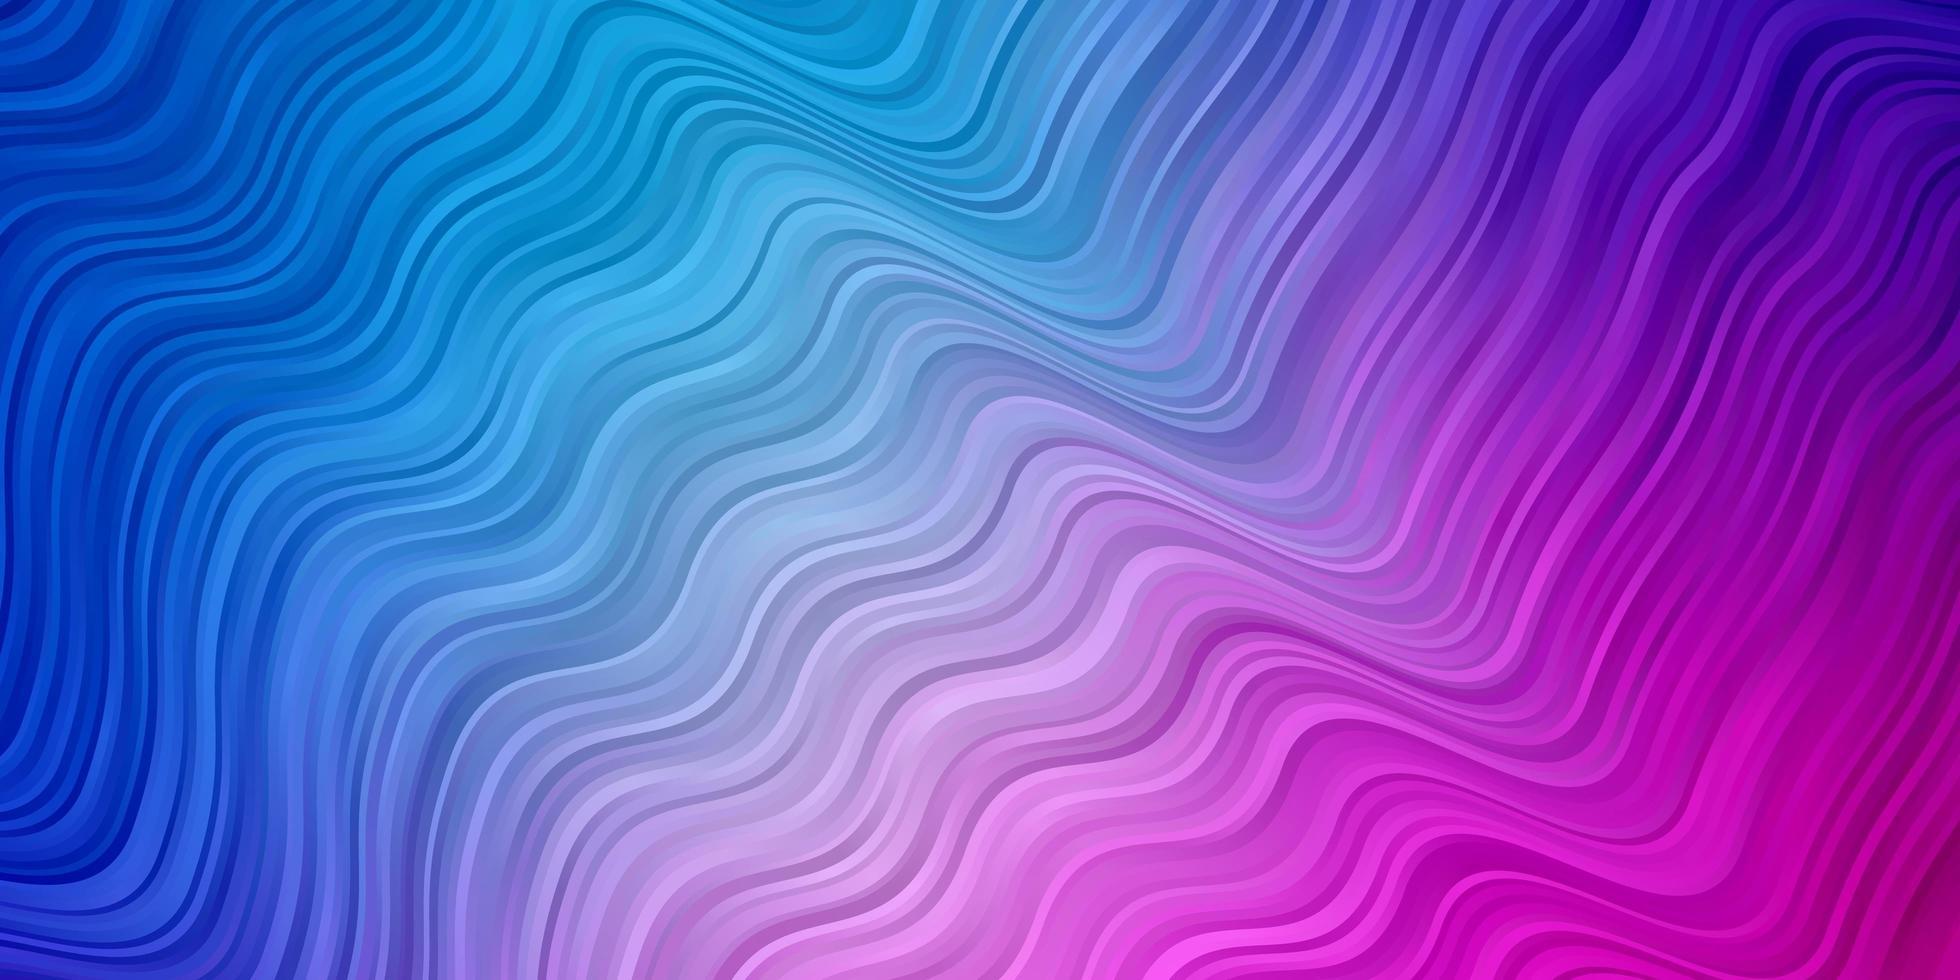 lichtroze, blauwe vectorachtergrond met gebogen lijnen. vector